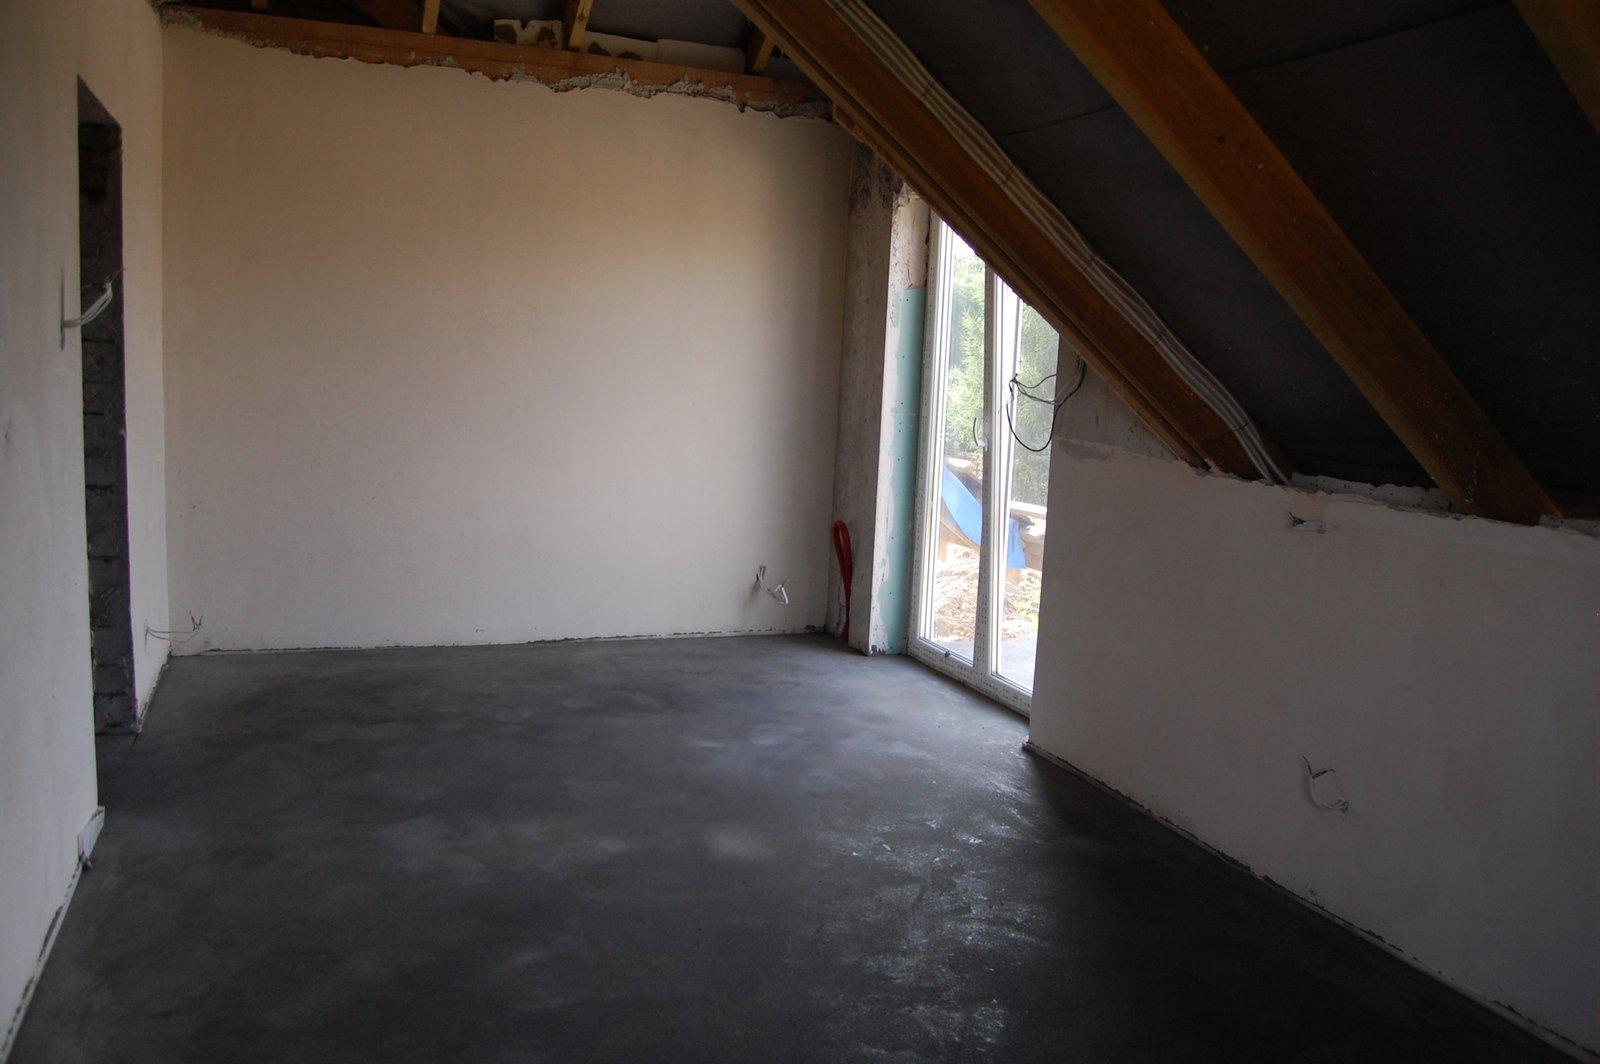 7. Agatka z garażem - czerwiec, lipiec 2013